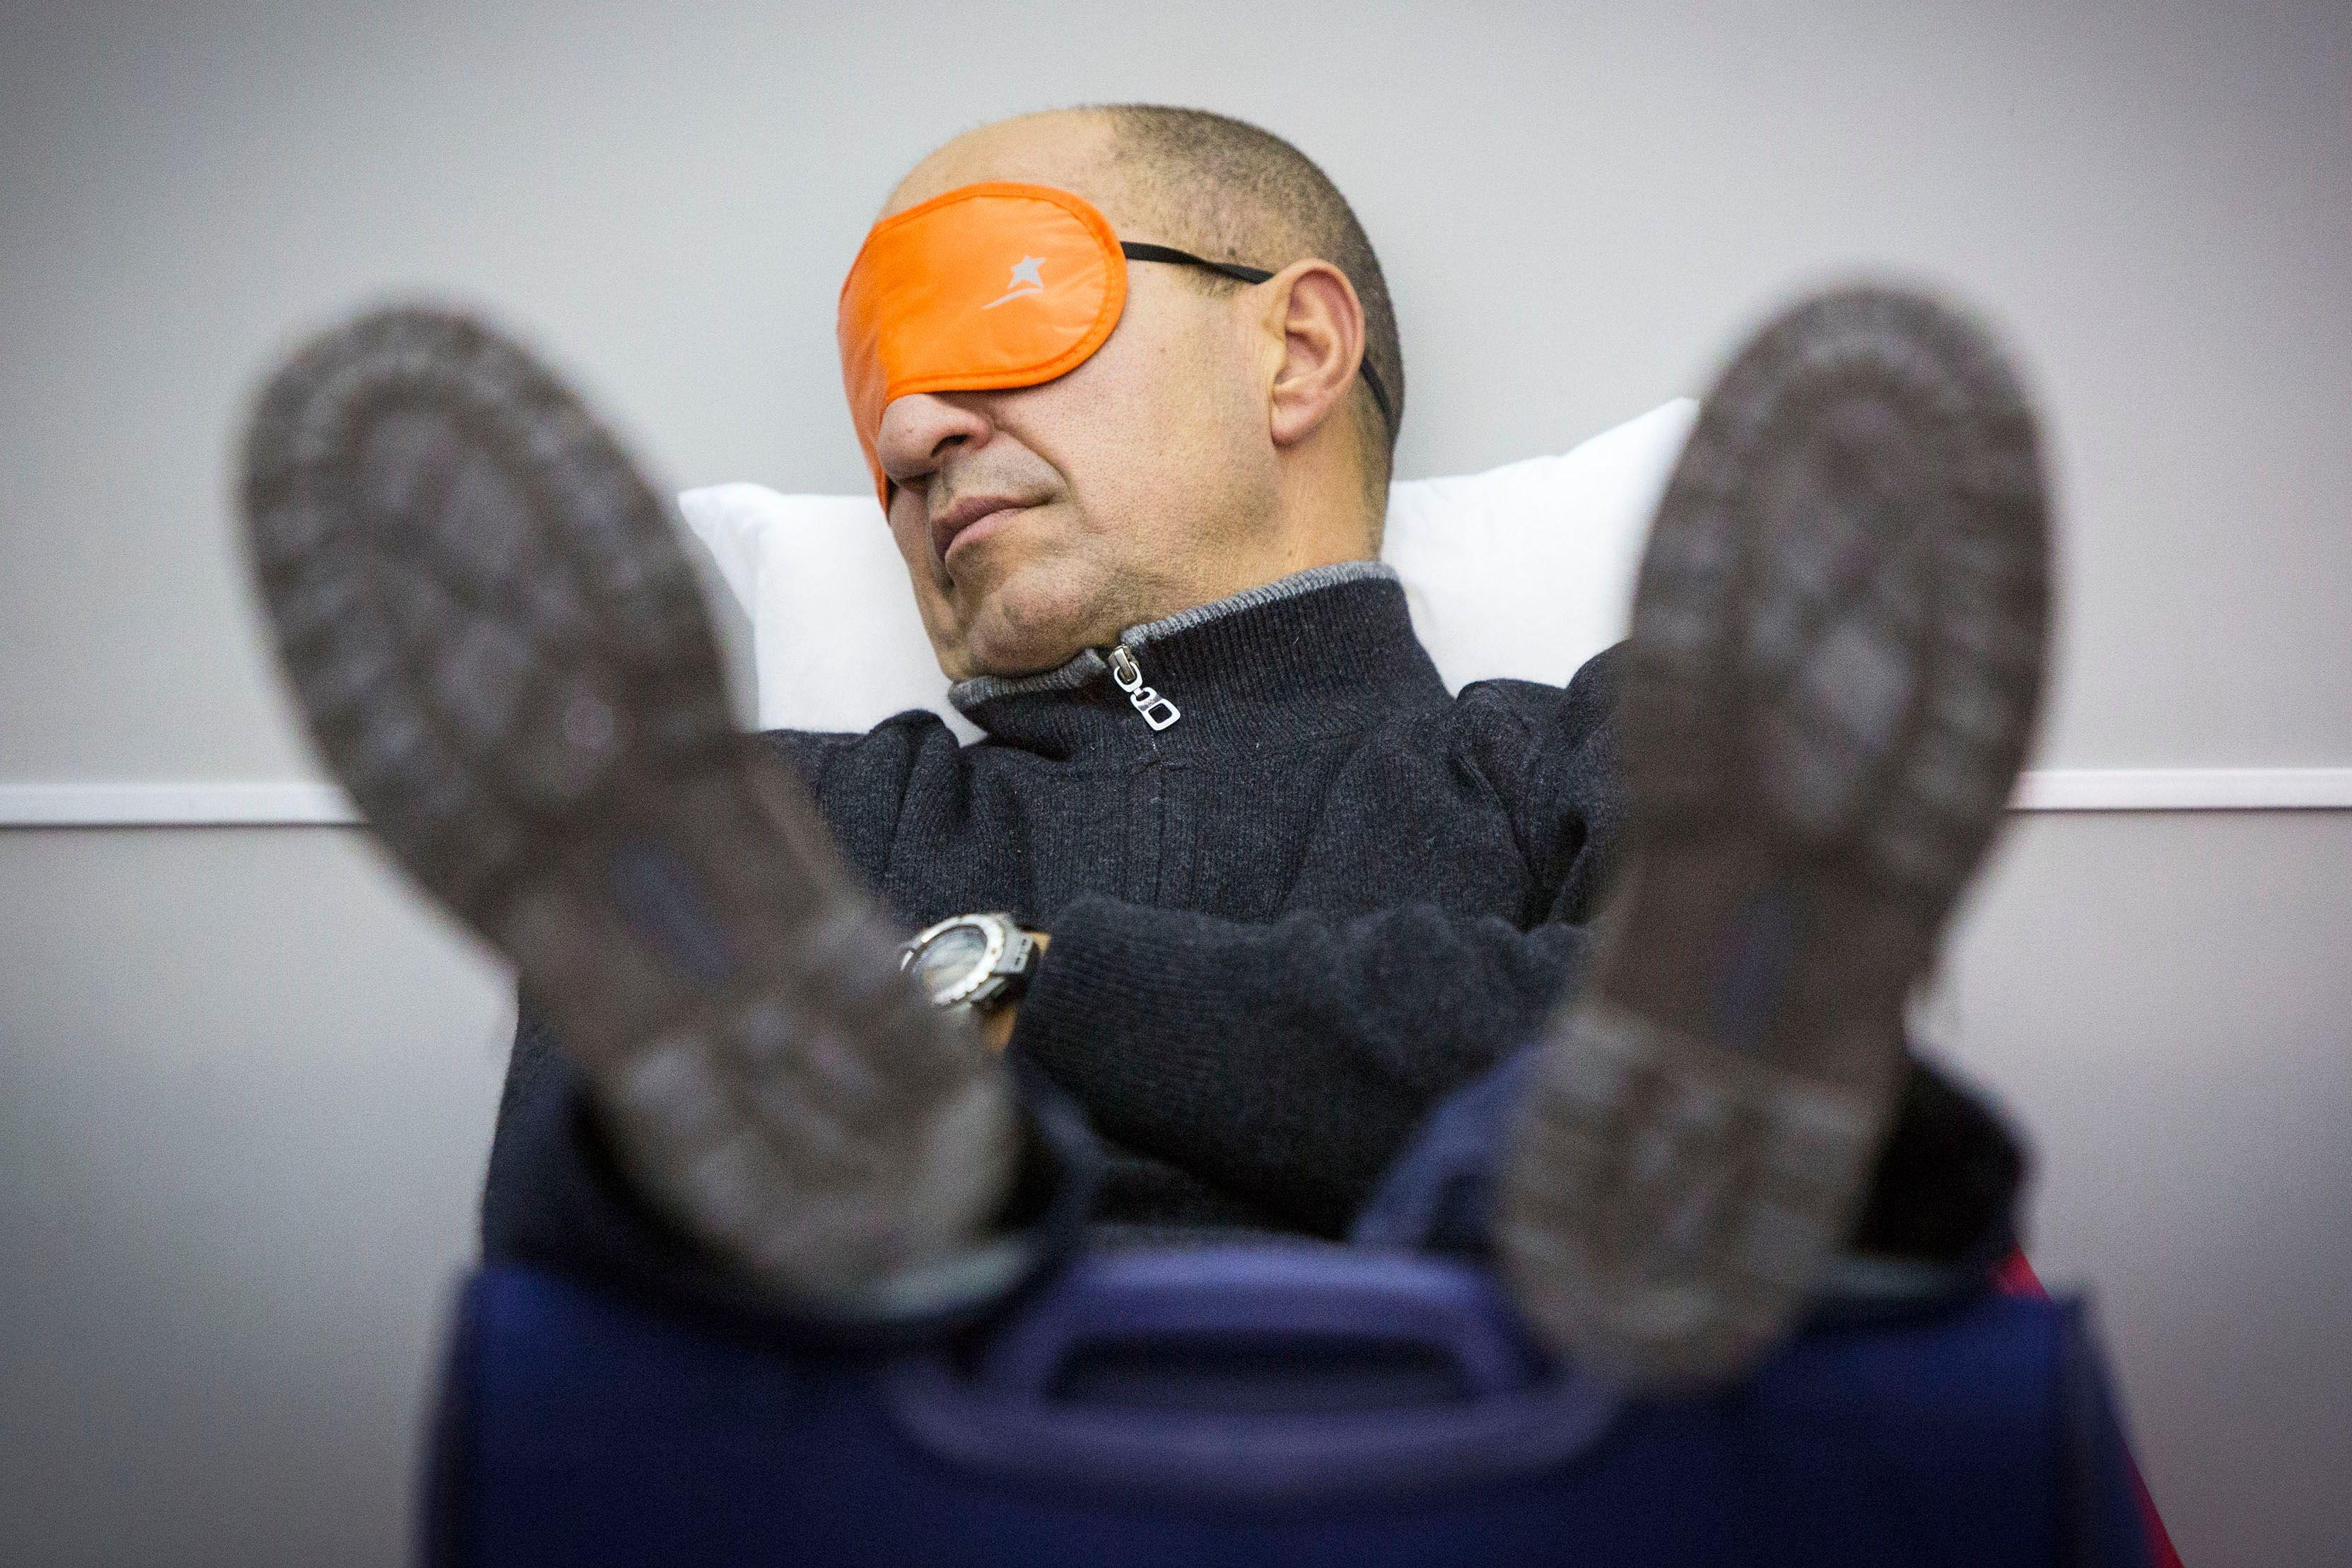 Humeur, vigilance, mémoire: mode d'emploi de la sieste productive